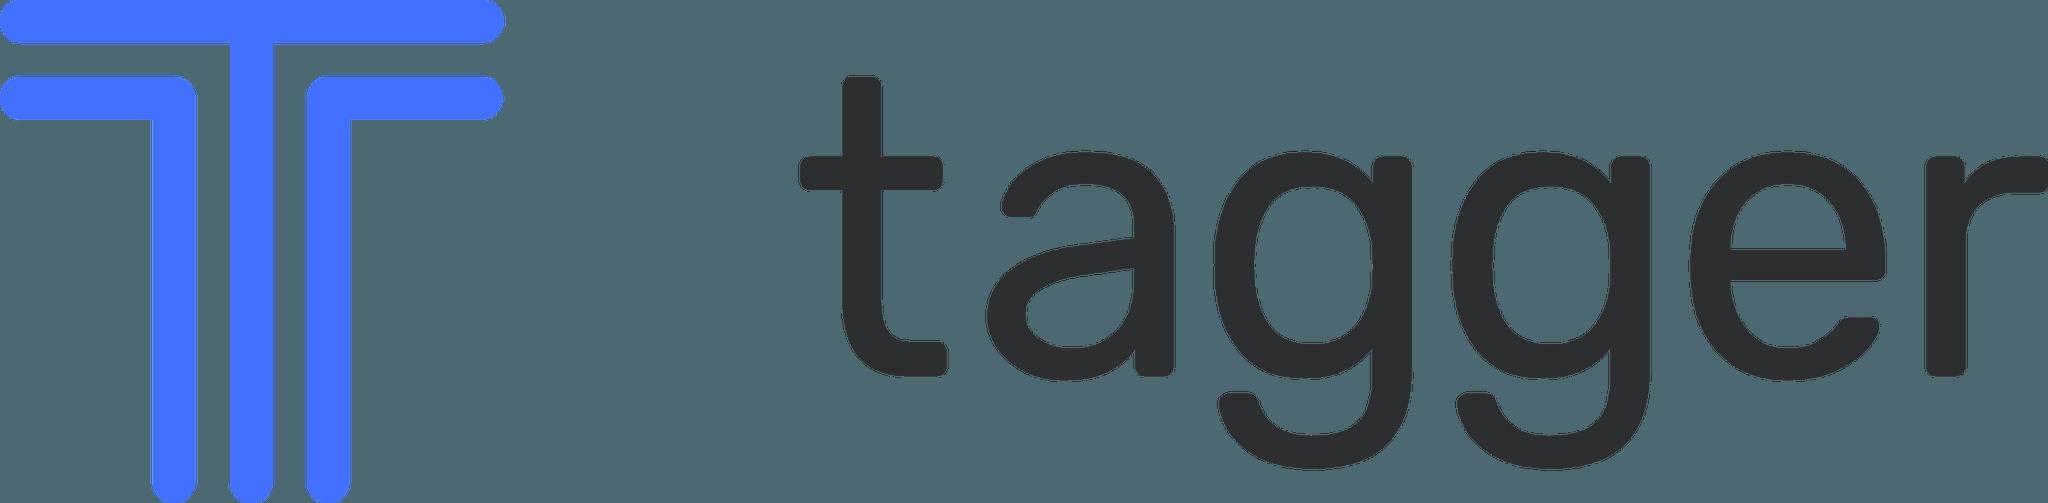 Tagger Media